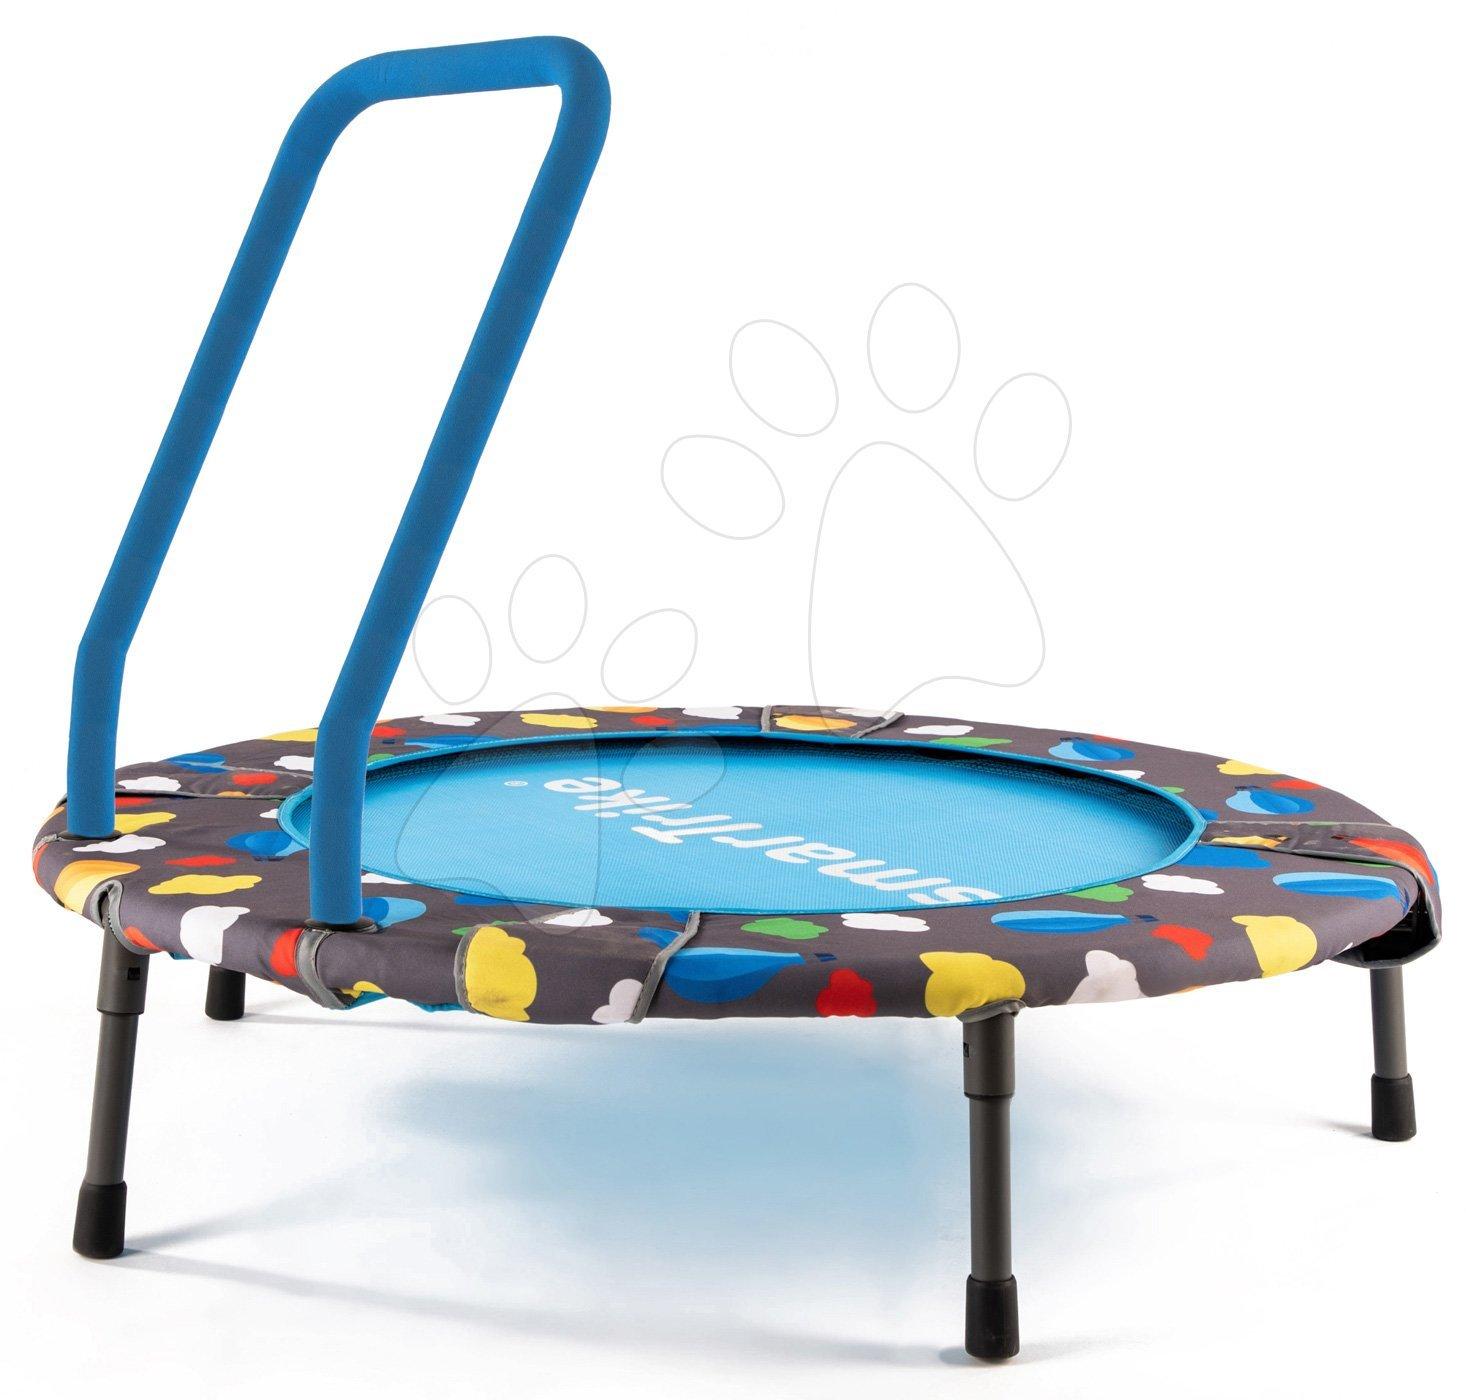 Trampolíny - Trampolína pre deti 3v1 Jump smarTrike priemer 90 cm s loptičkami od 10 mesiacov